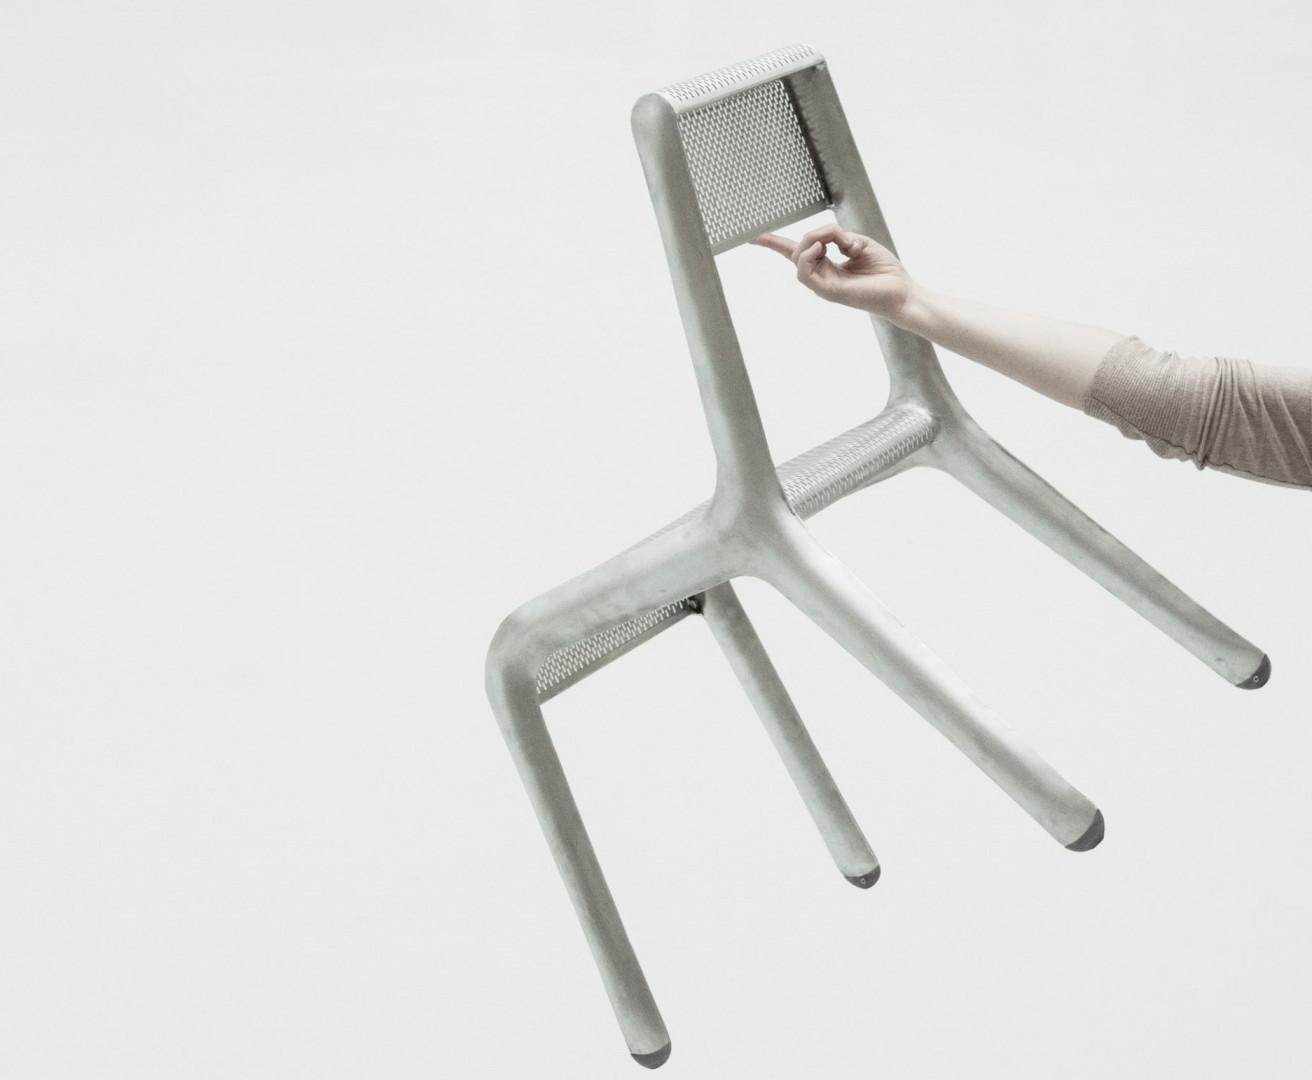 Ultraleggera to nowy projekt zieta.prozessdesign.Całość wykonana jest w technologii FiDU, a pojedyncze krzesło waży mniej niż 1600 g. Fot. zieta.prozessdesign